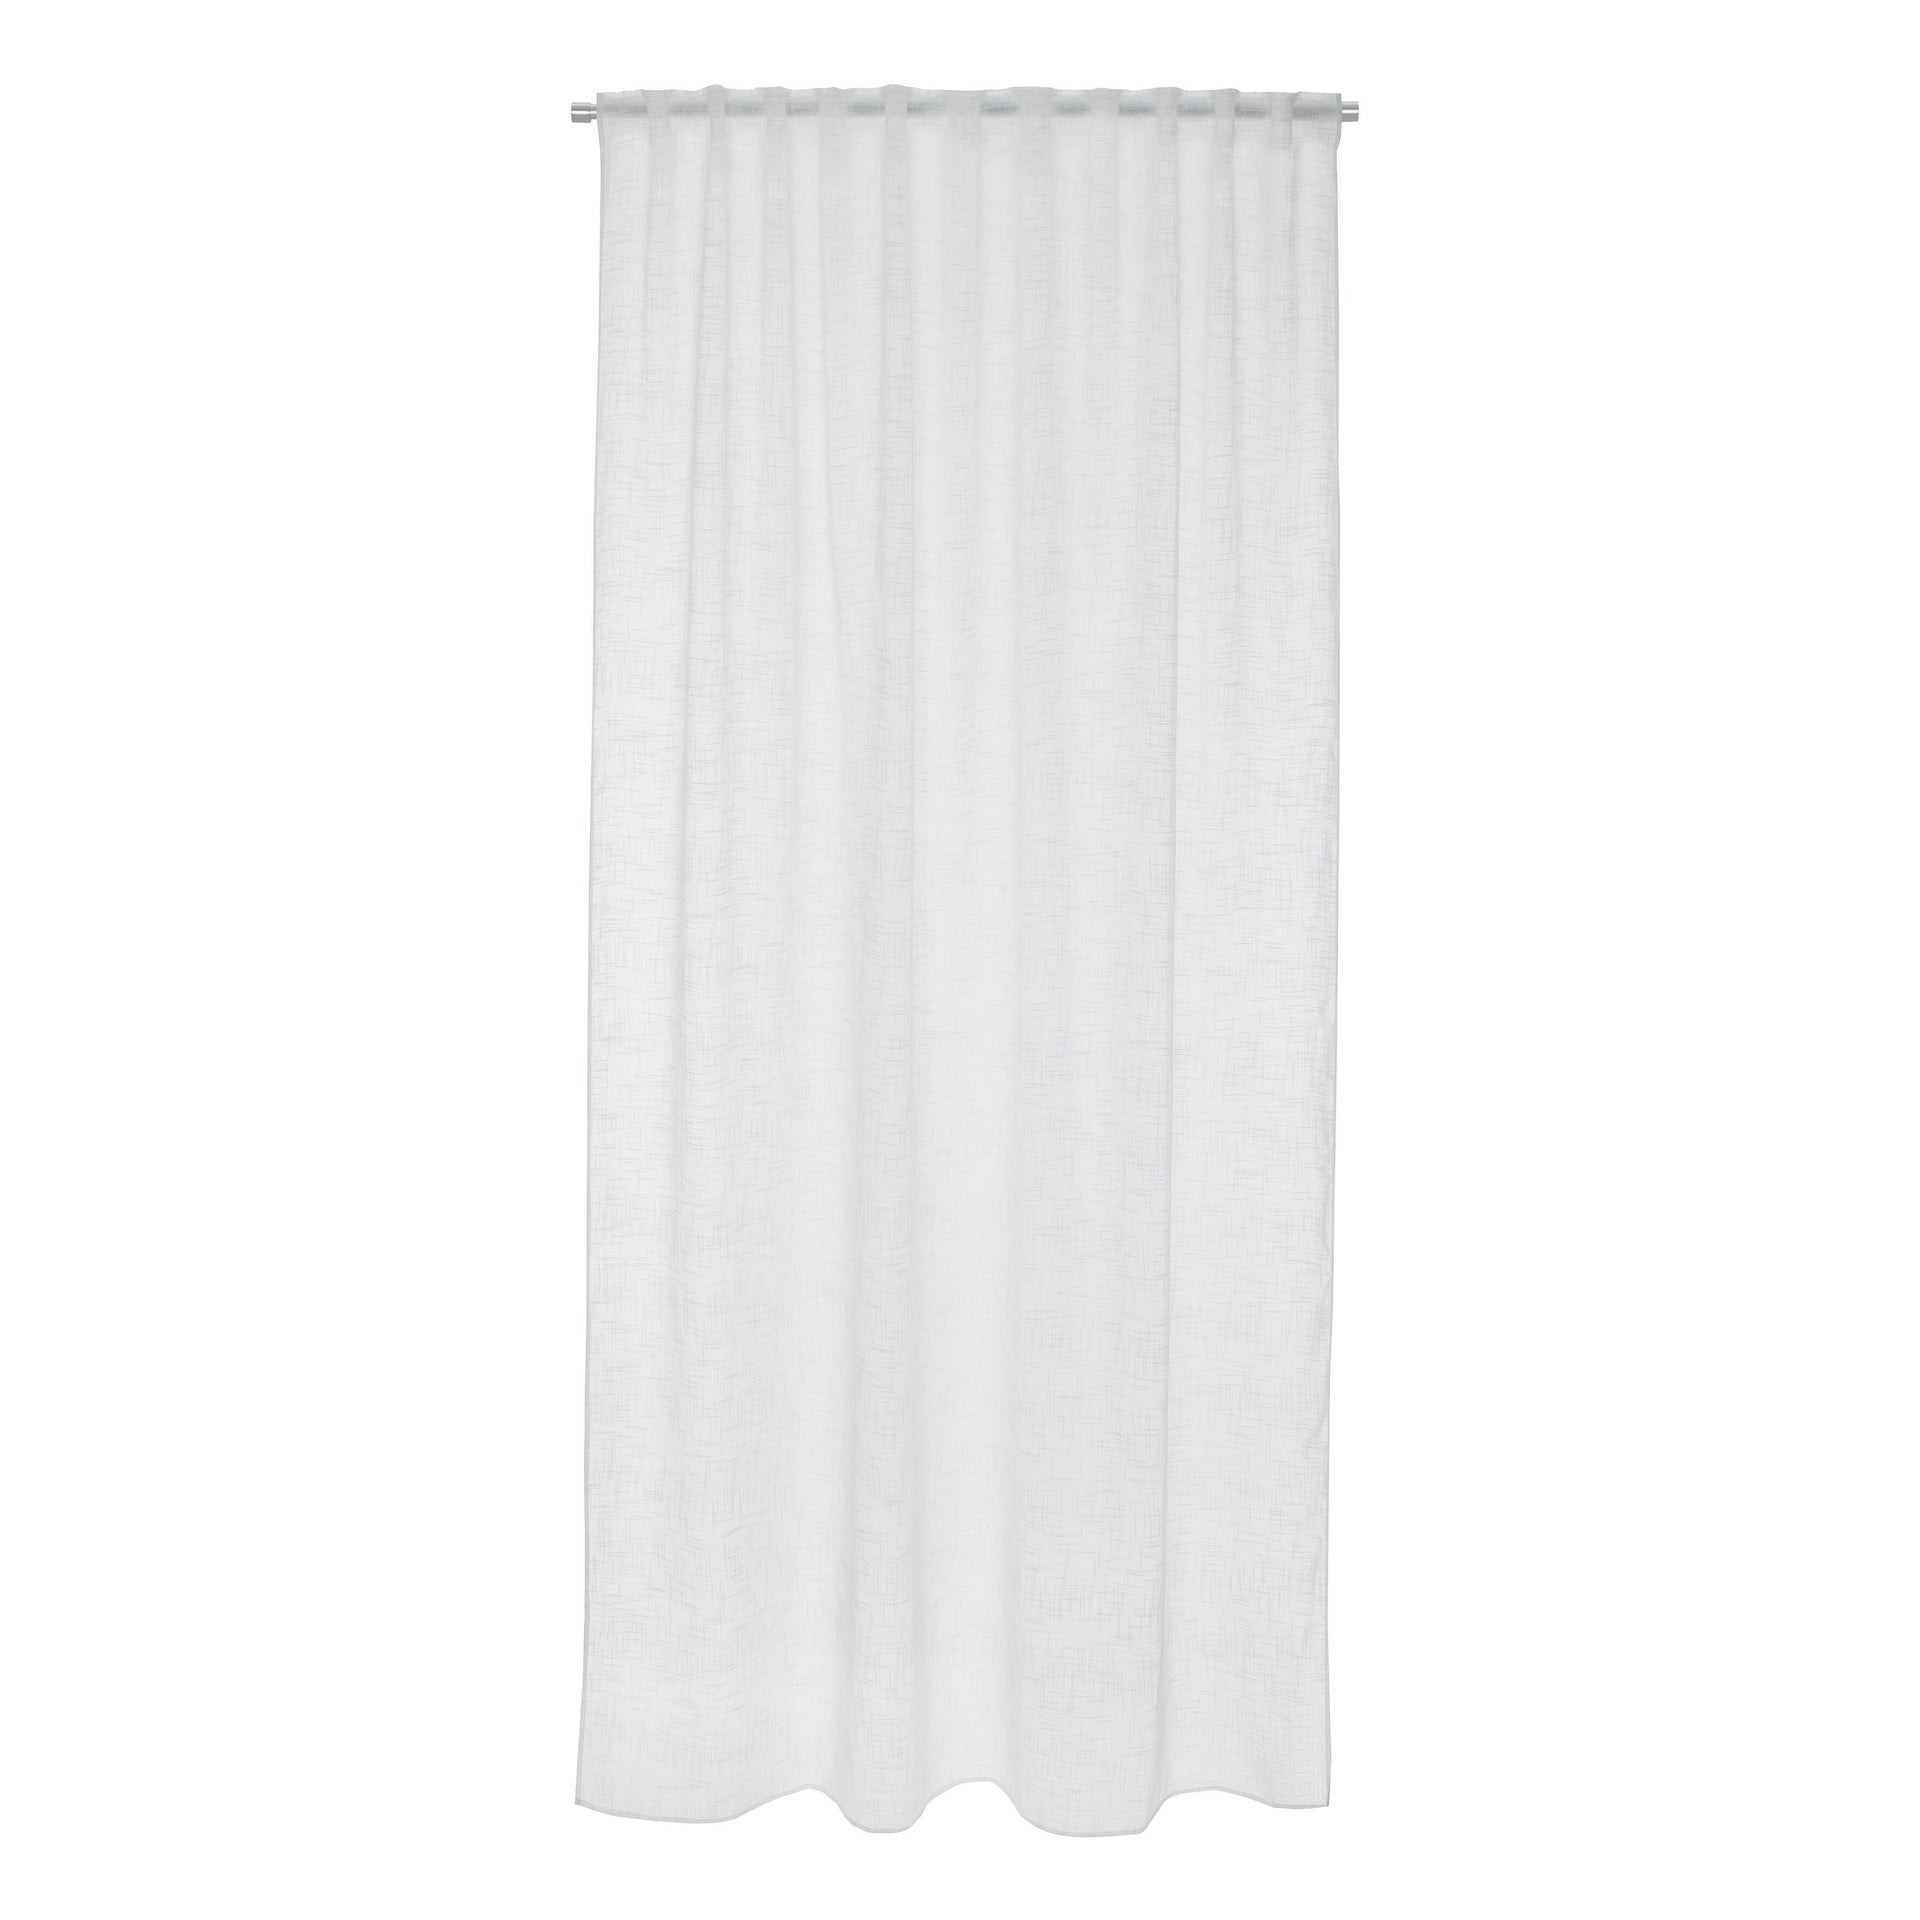 Tenda INSPIRE Amina bianco fettuccia con passanti nascosti 200 x 280 cm - 5